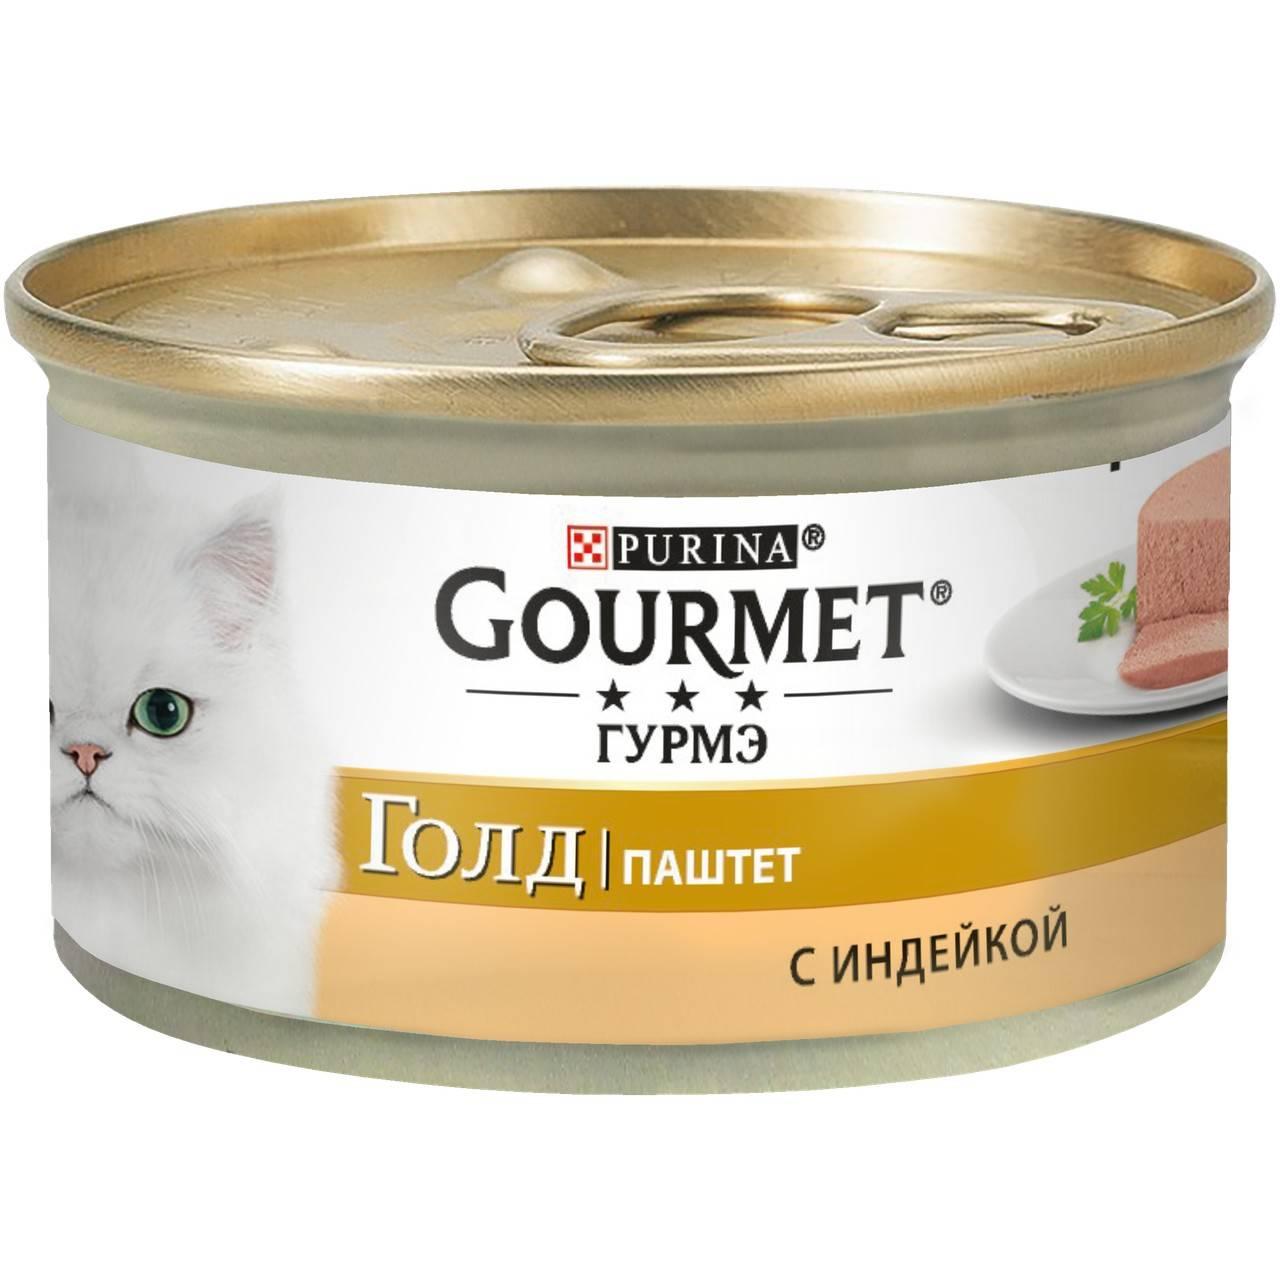 GOURMET Gold Pate Turkey – консерва с индейкой для взрослых котов